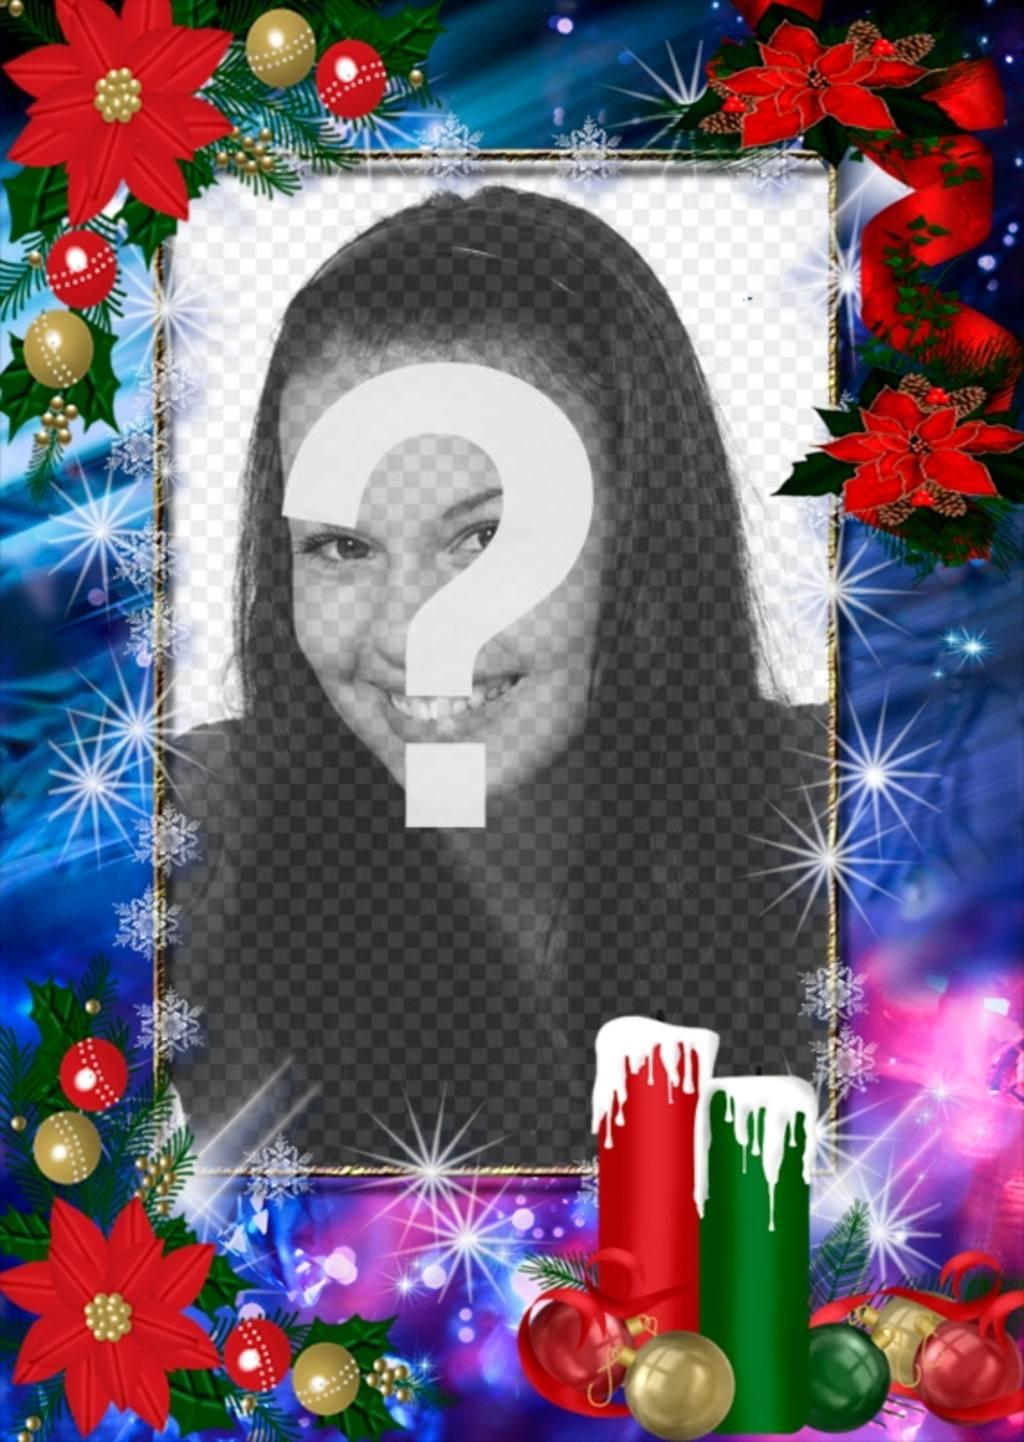 Foto moldura decorada para o Natal e você pode personalizar com sua foto